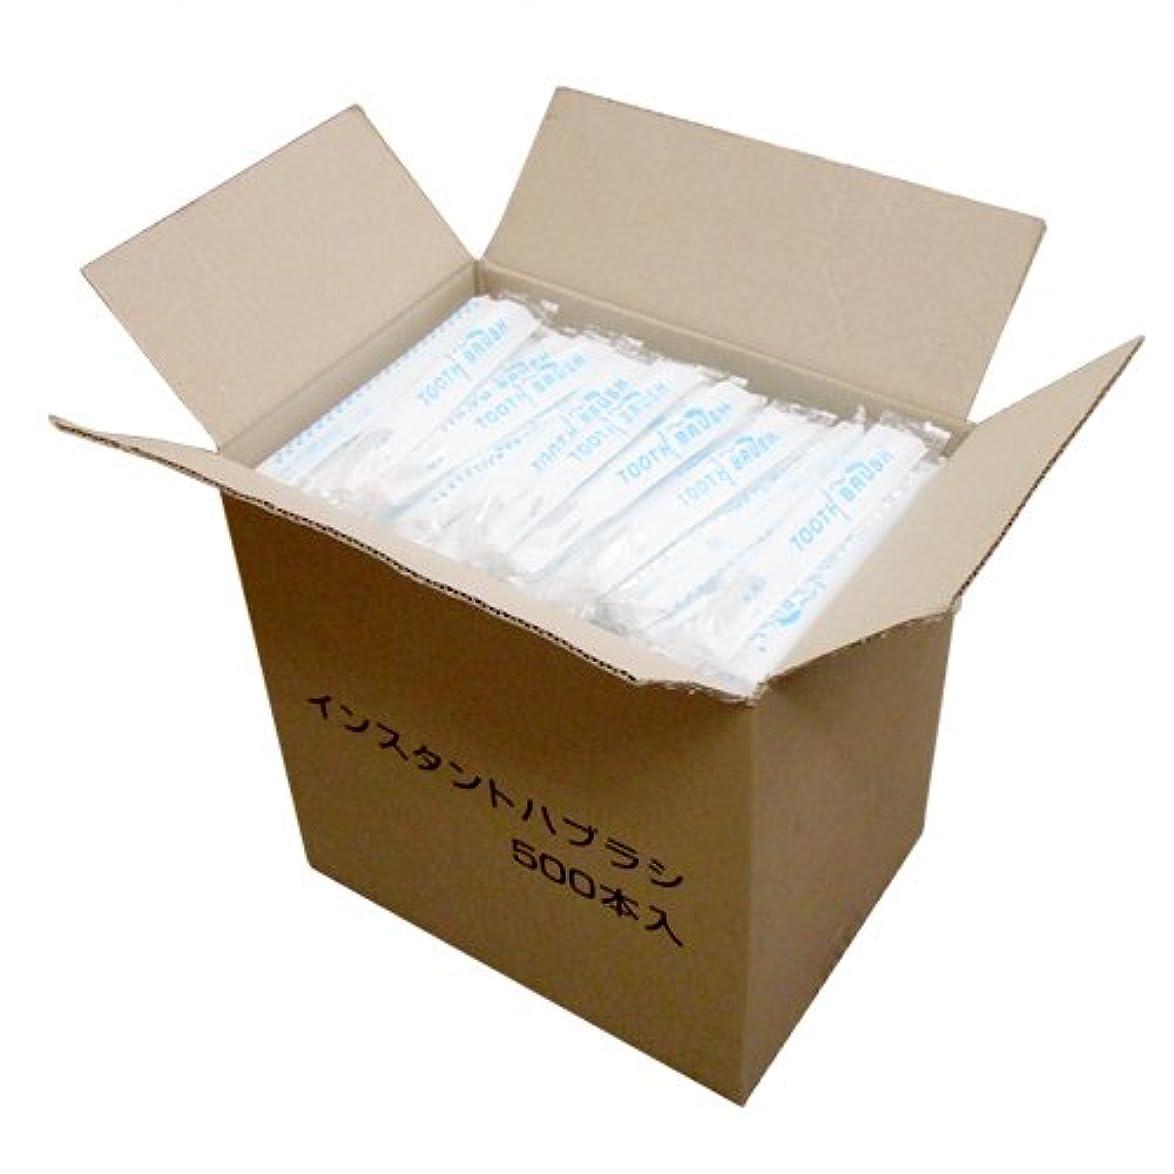 行く釈義泳ぐ業務用 日本製 使い捨て粉付き歯ブラシ 個包装タイプ 500本入×8箱 (4000本入)│ホテルアメニティ